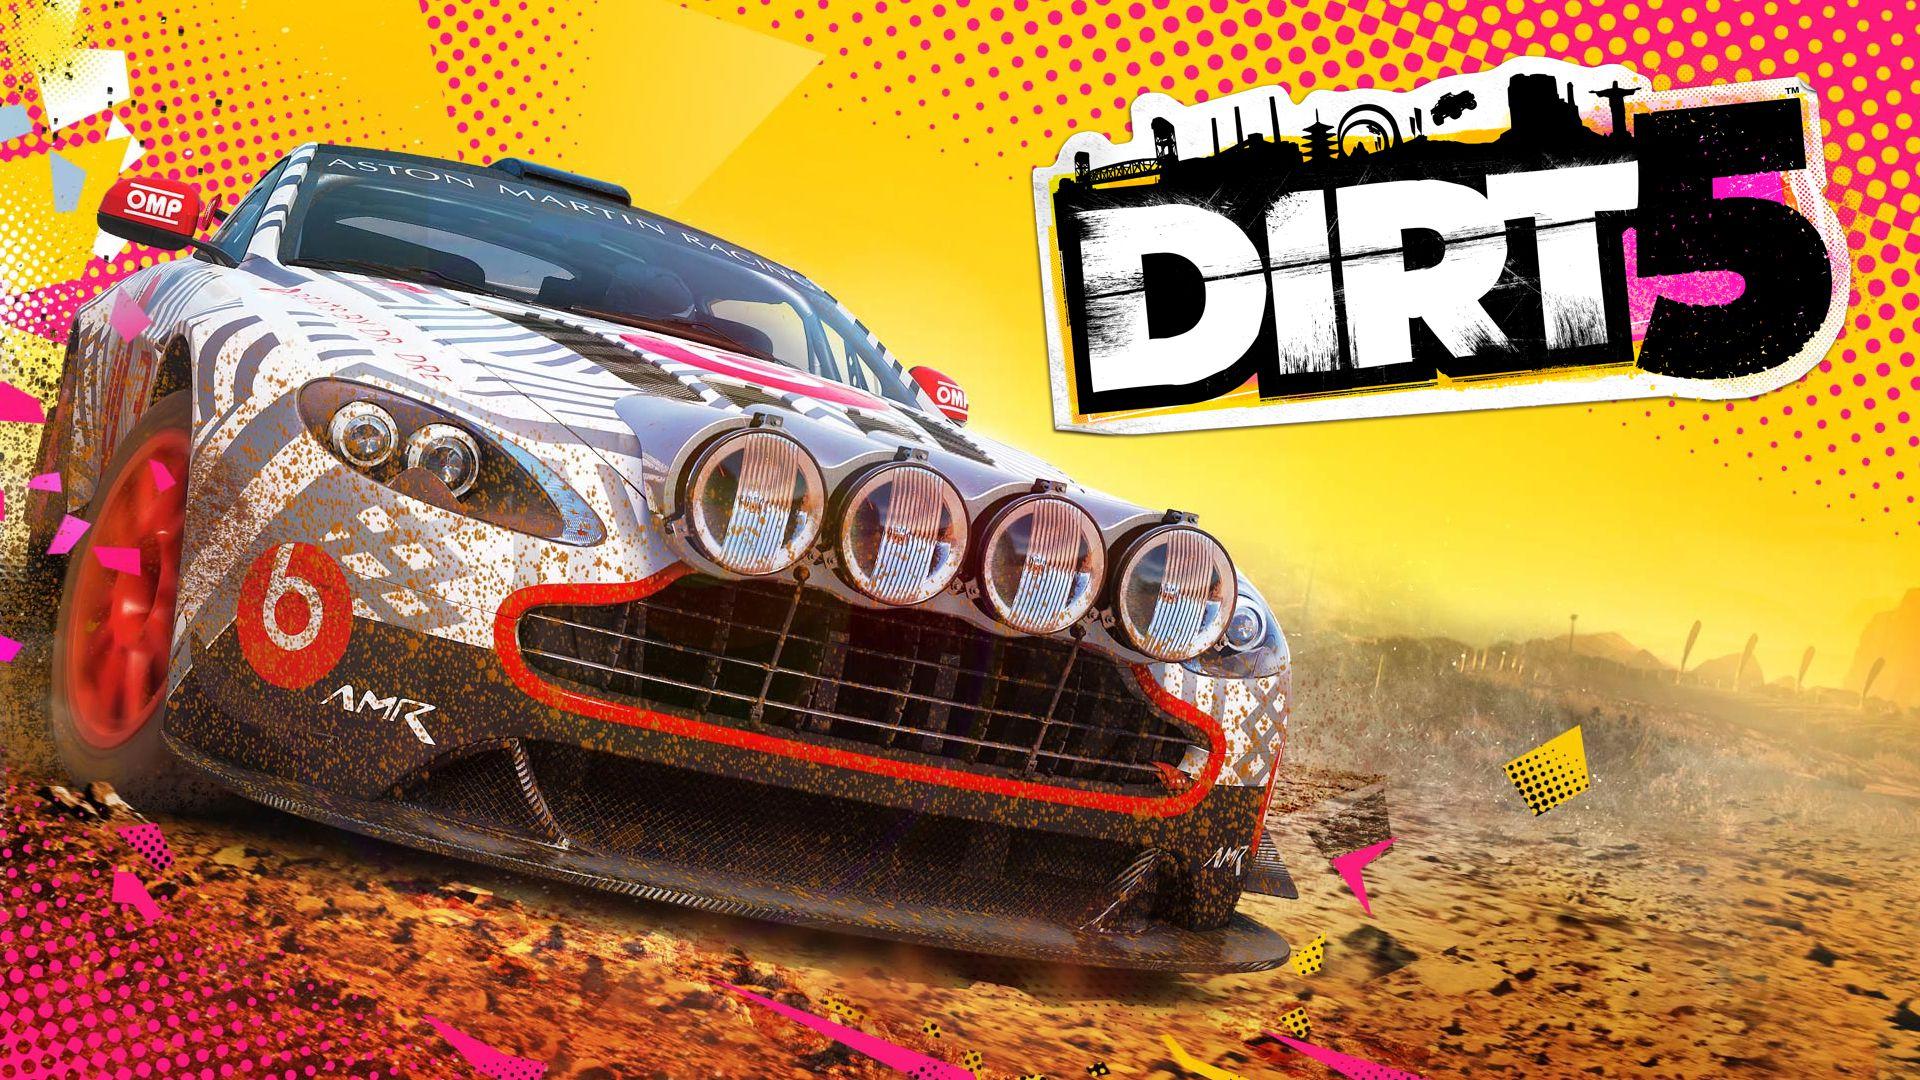 La acción amplificada de DiRT 5 llega a PlayStation 5 | PlayStation |  GameProTV